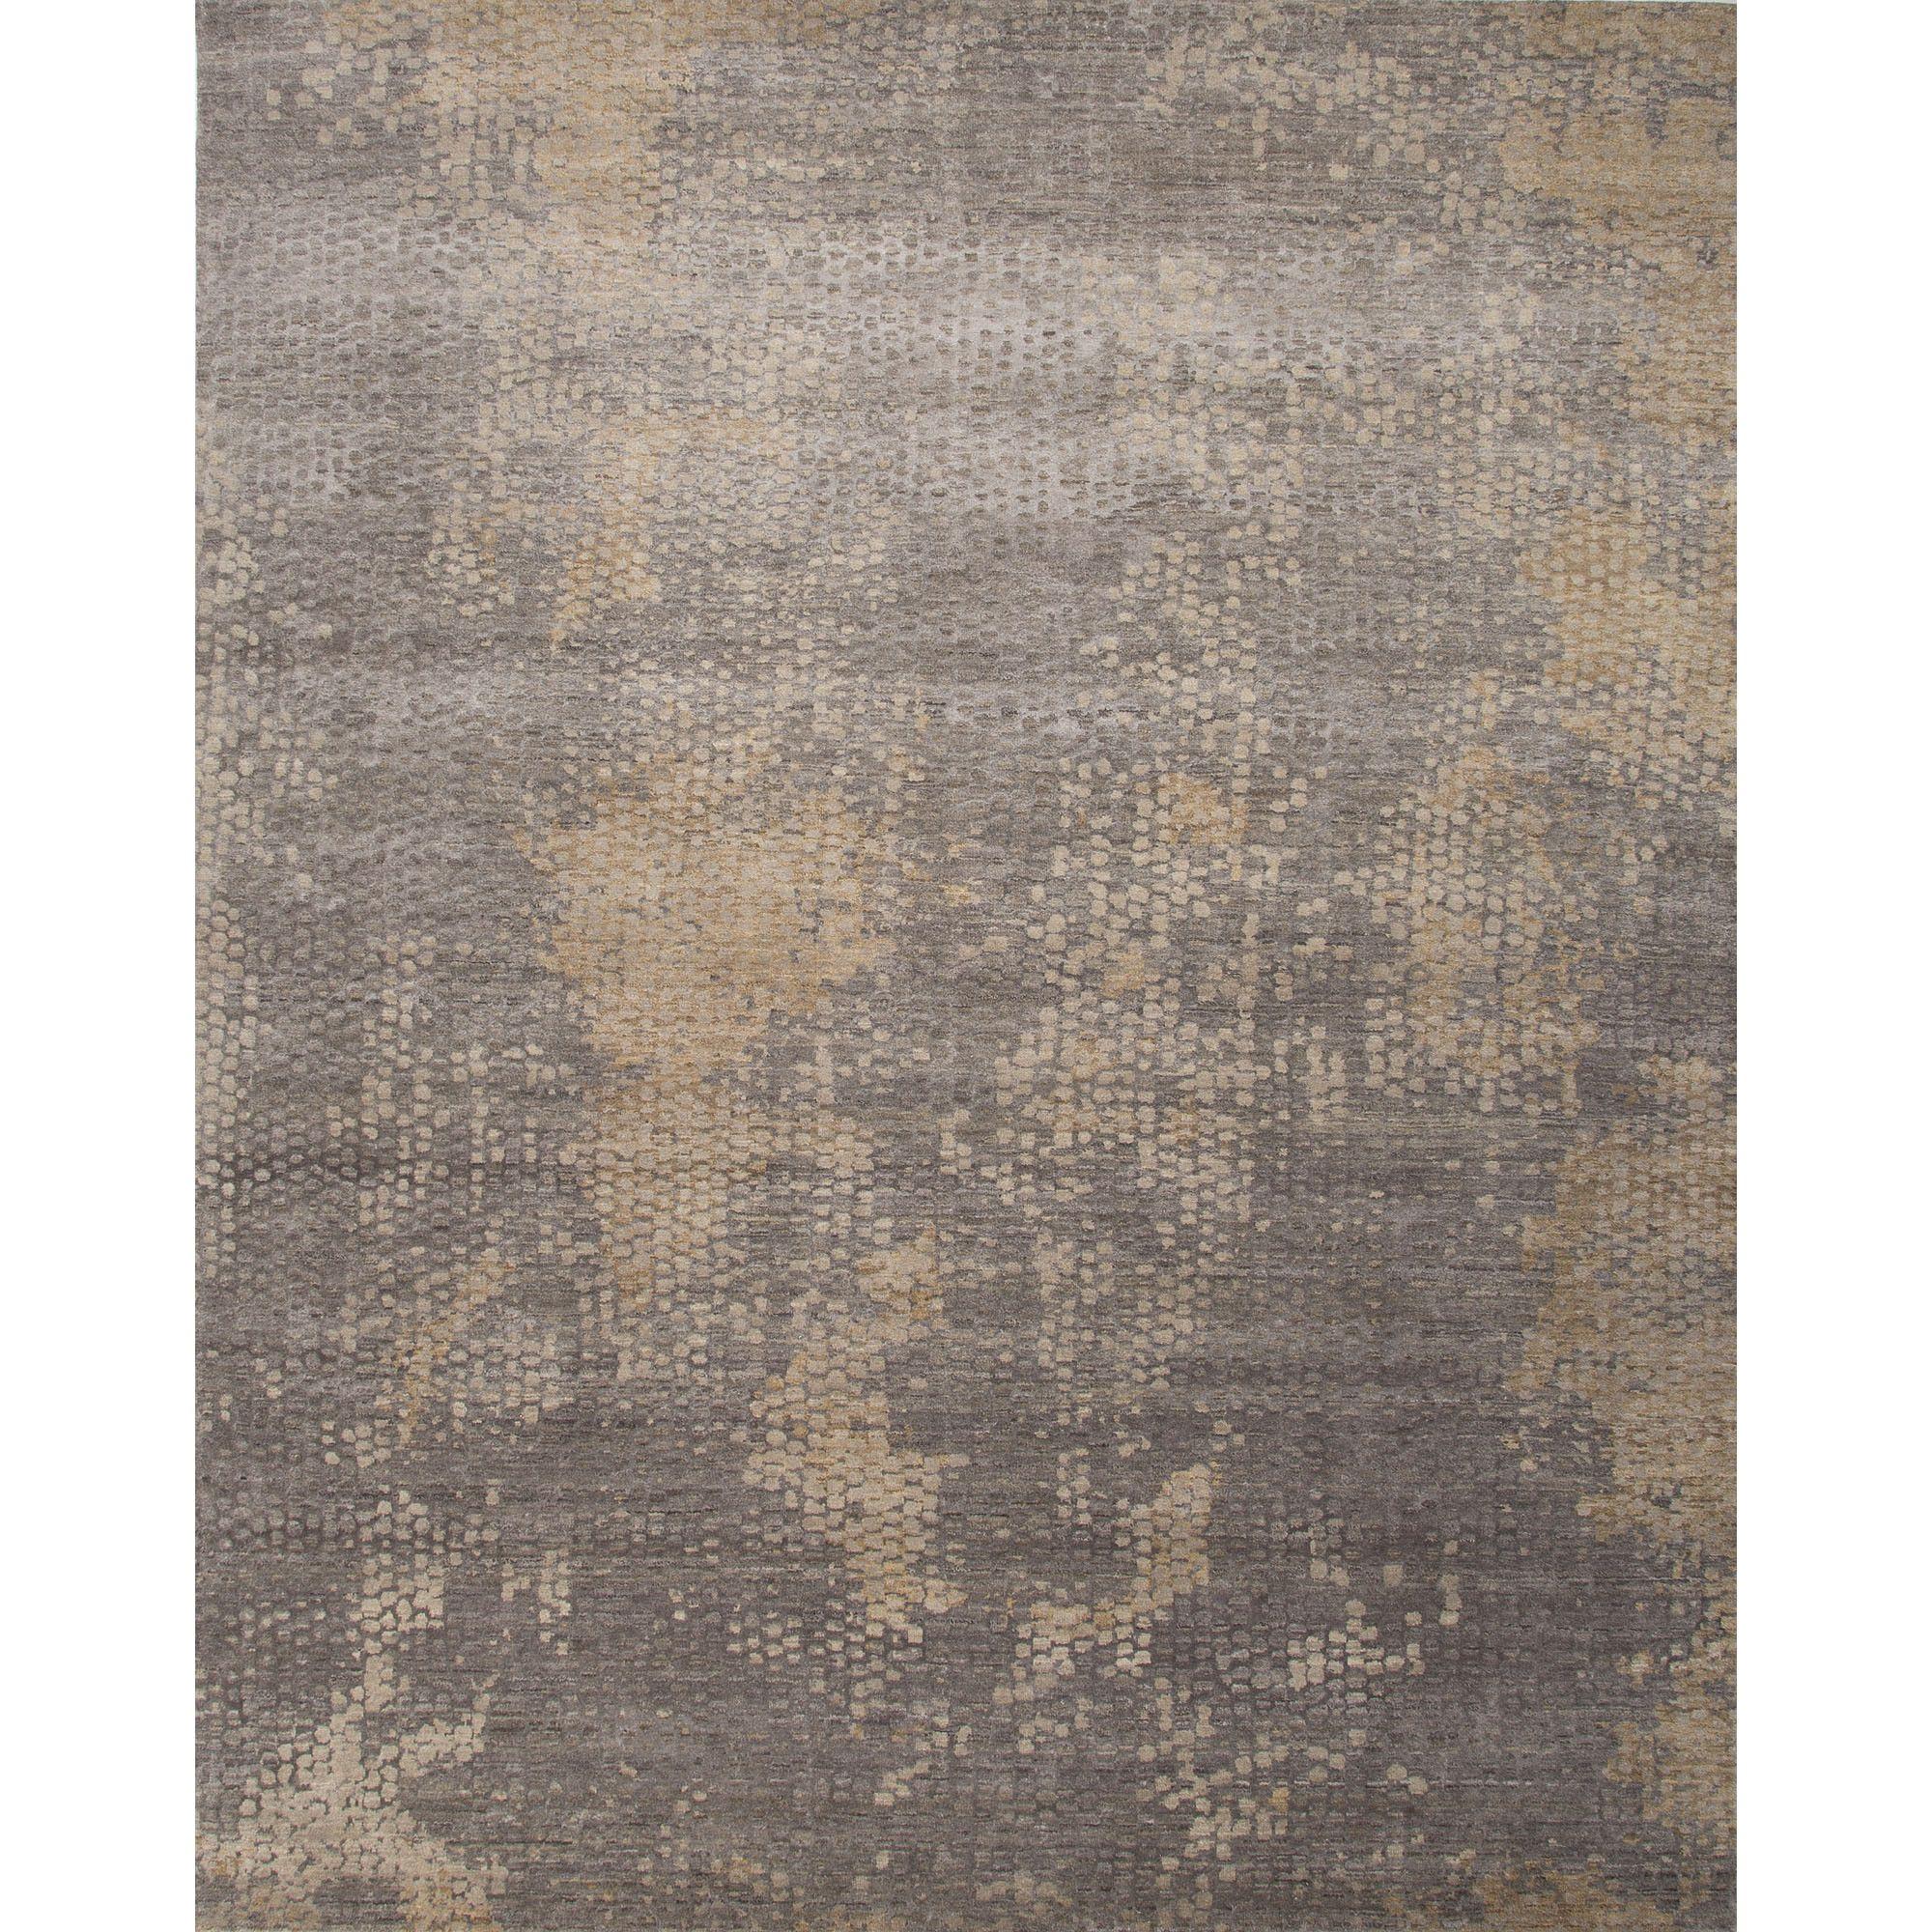 Chaos Theory Collection Naga Rug In Ashwood & Medium Gray